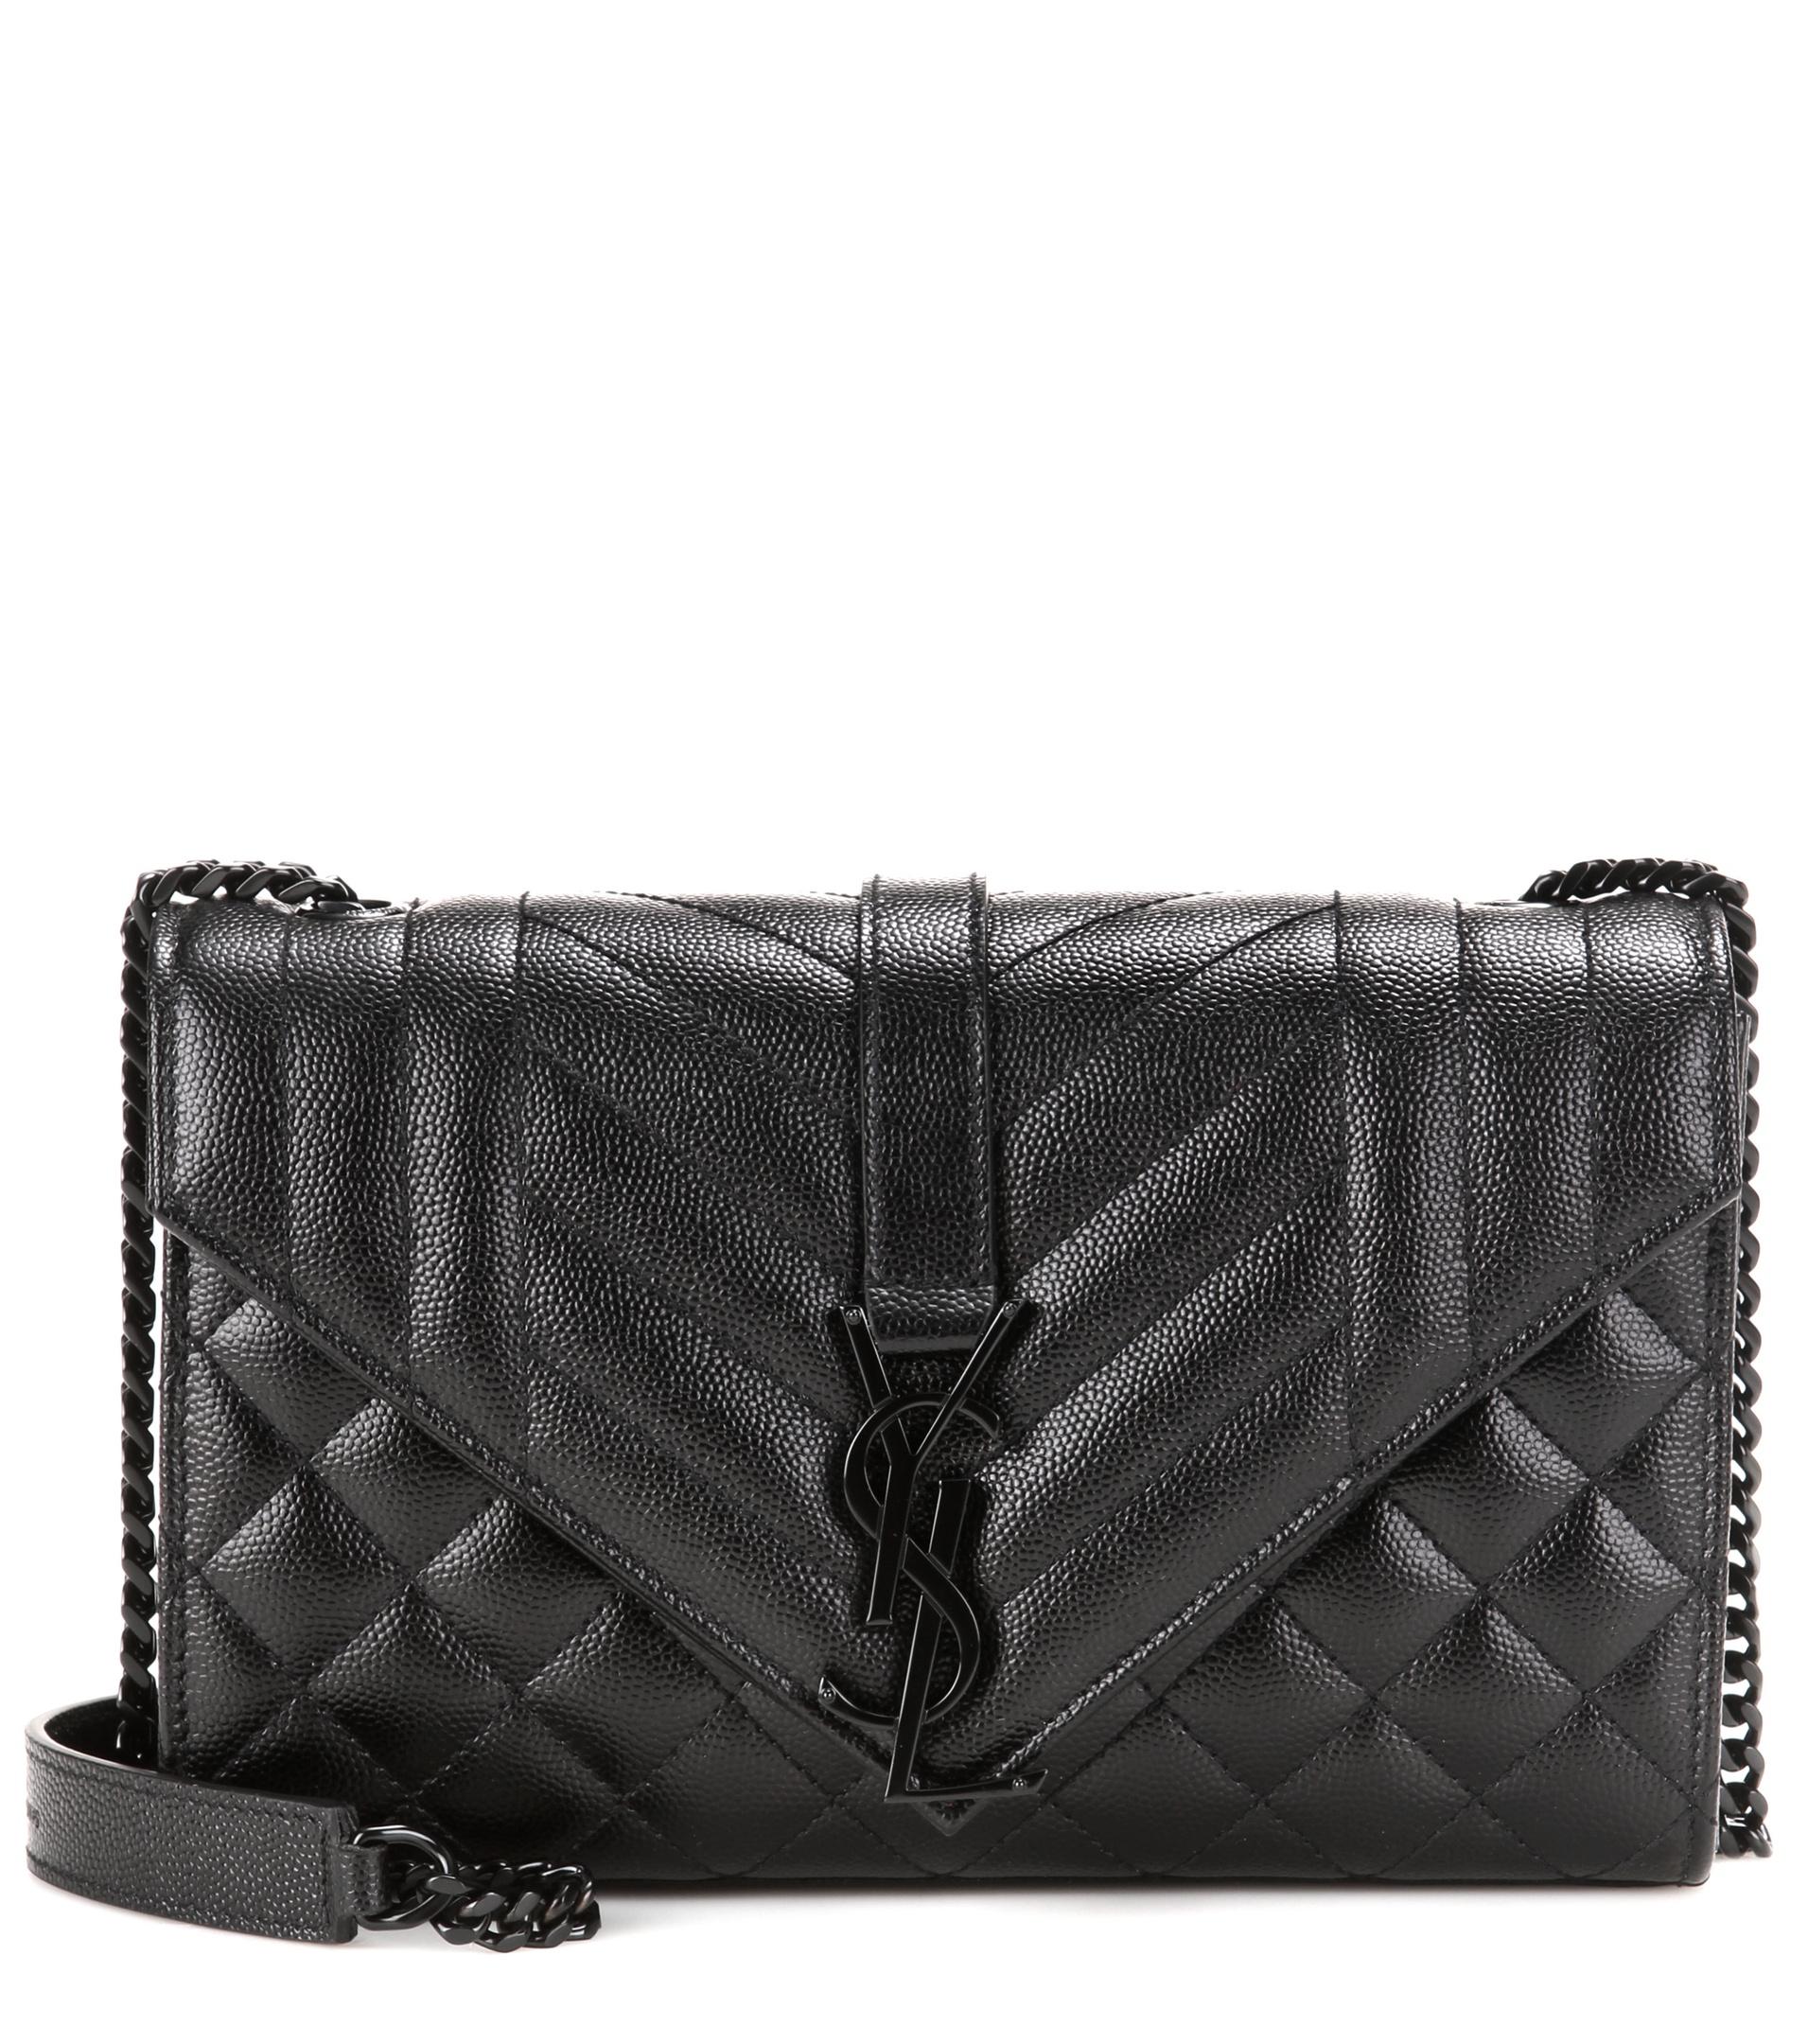 Saint Laurent Medium Monogram Tri Quilted Leather Shoulder